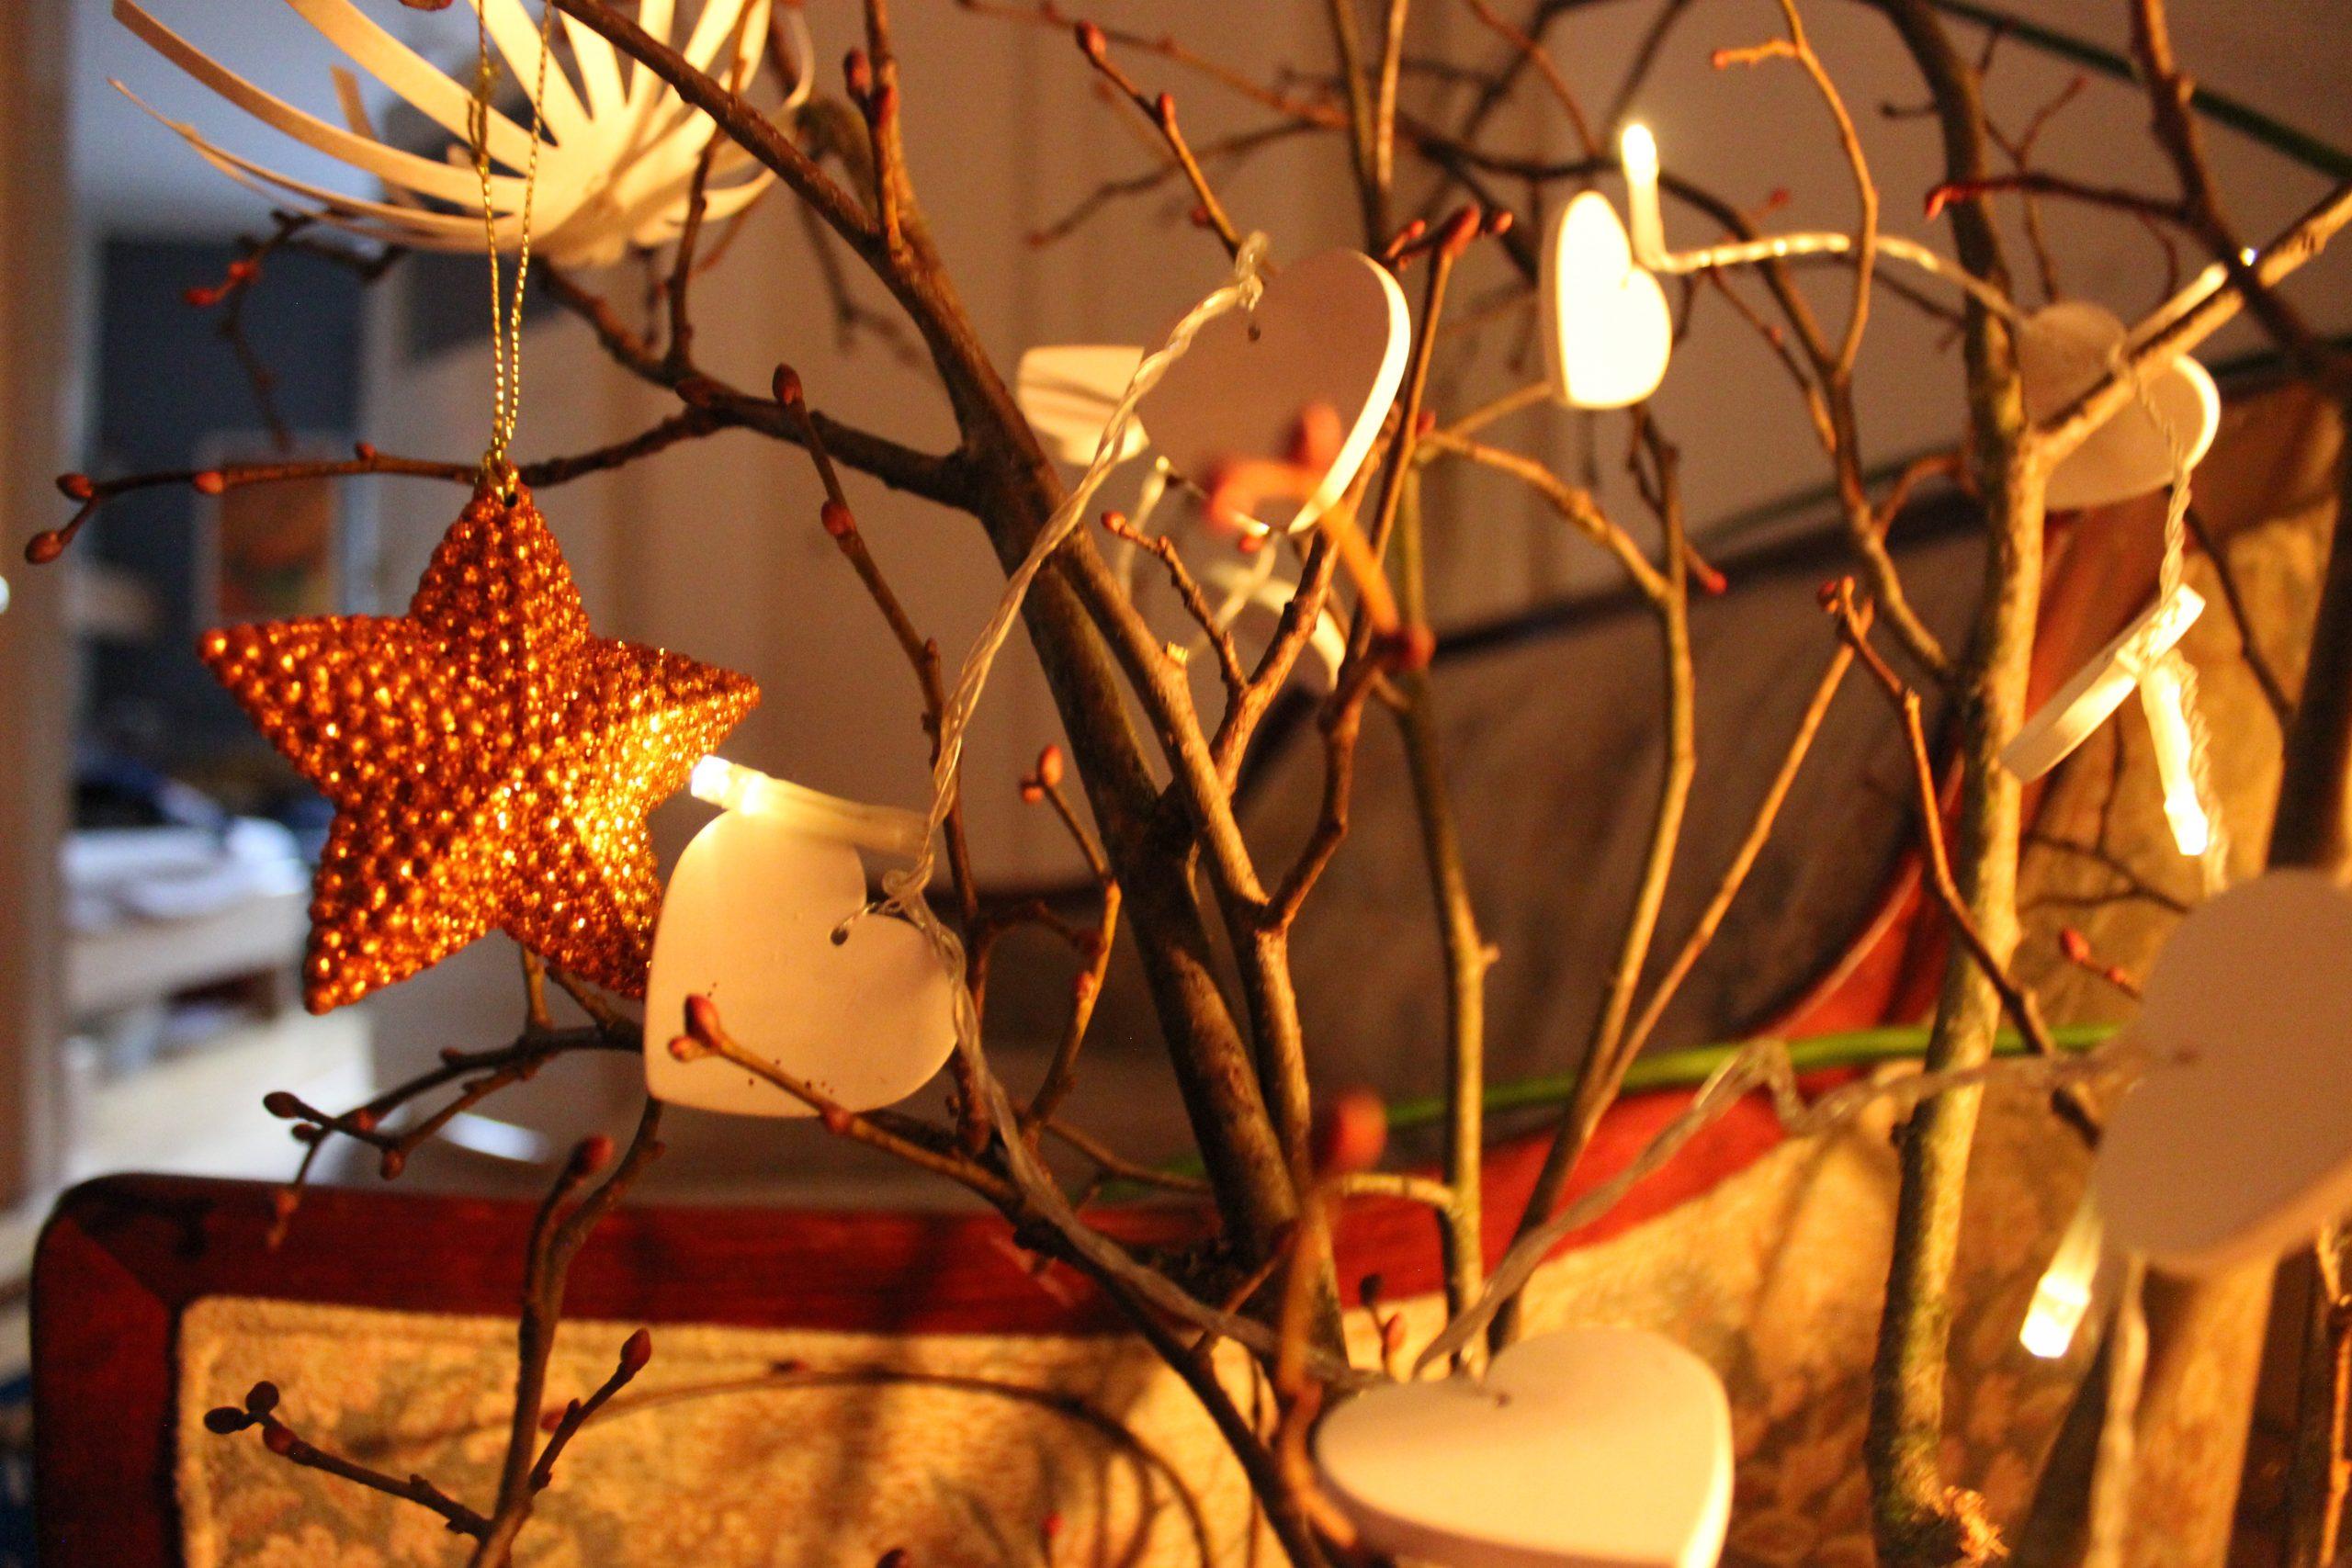 Weihnachtsbaum-Alternative: zusammengesteckte Äste